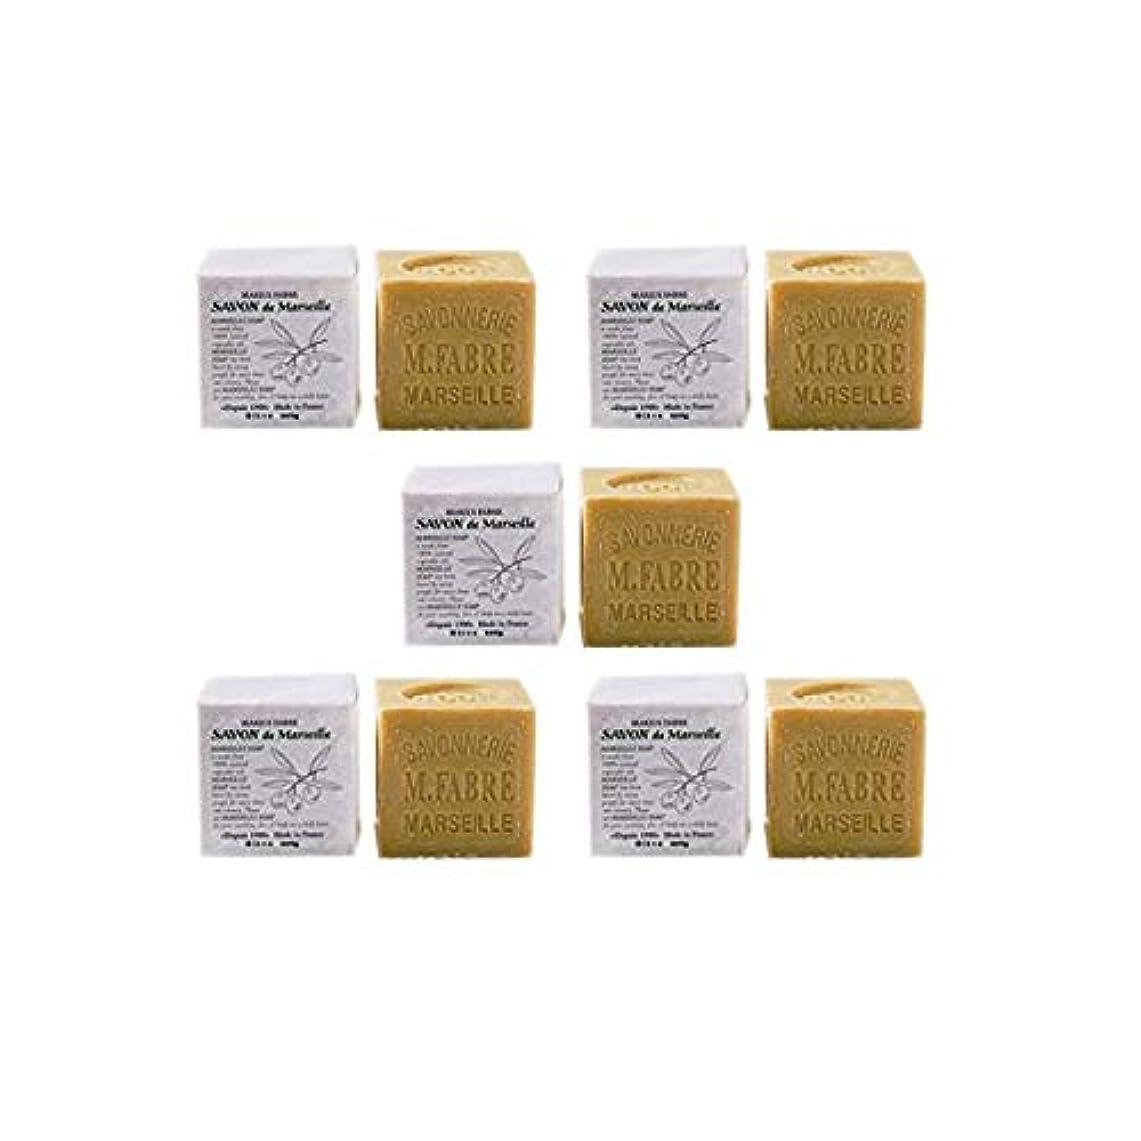 くカメラ西部マリウスファーブルジューン サボンドマルセイユ無香料200gオリーブN 5個セット(200g×5個)無添加オリーブ石鹸